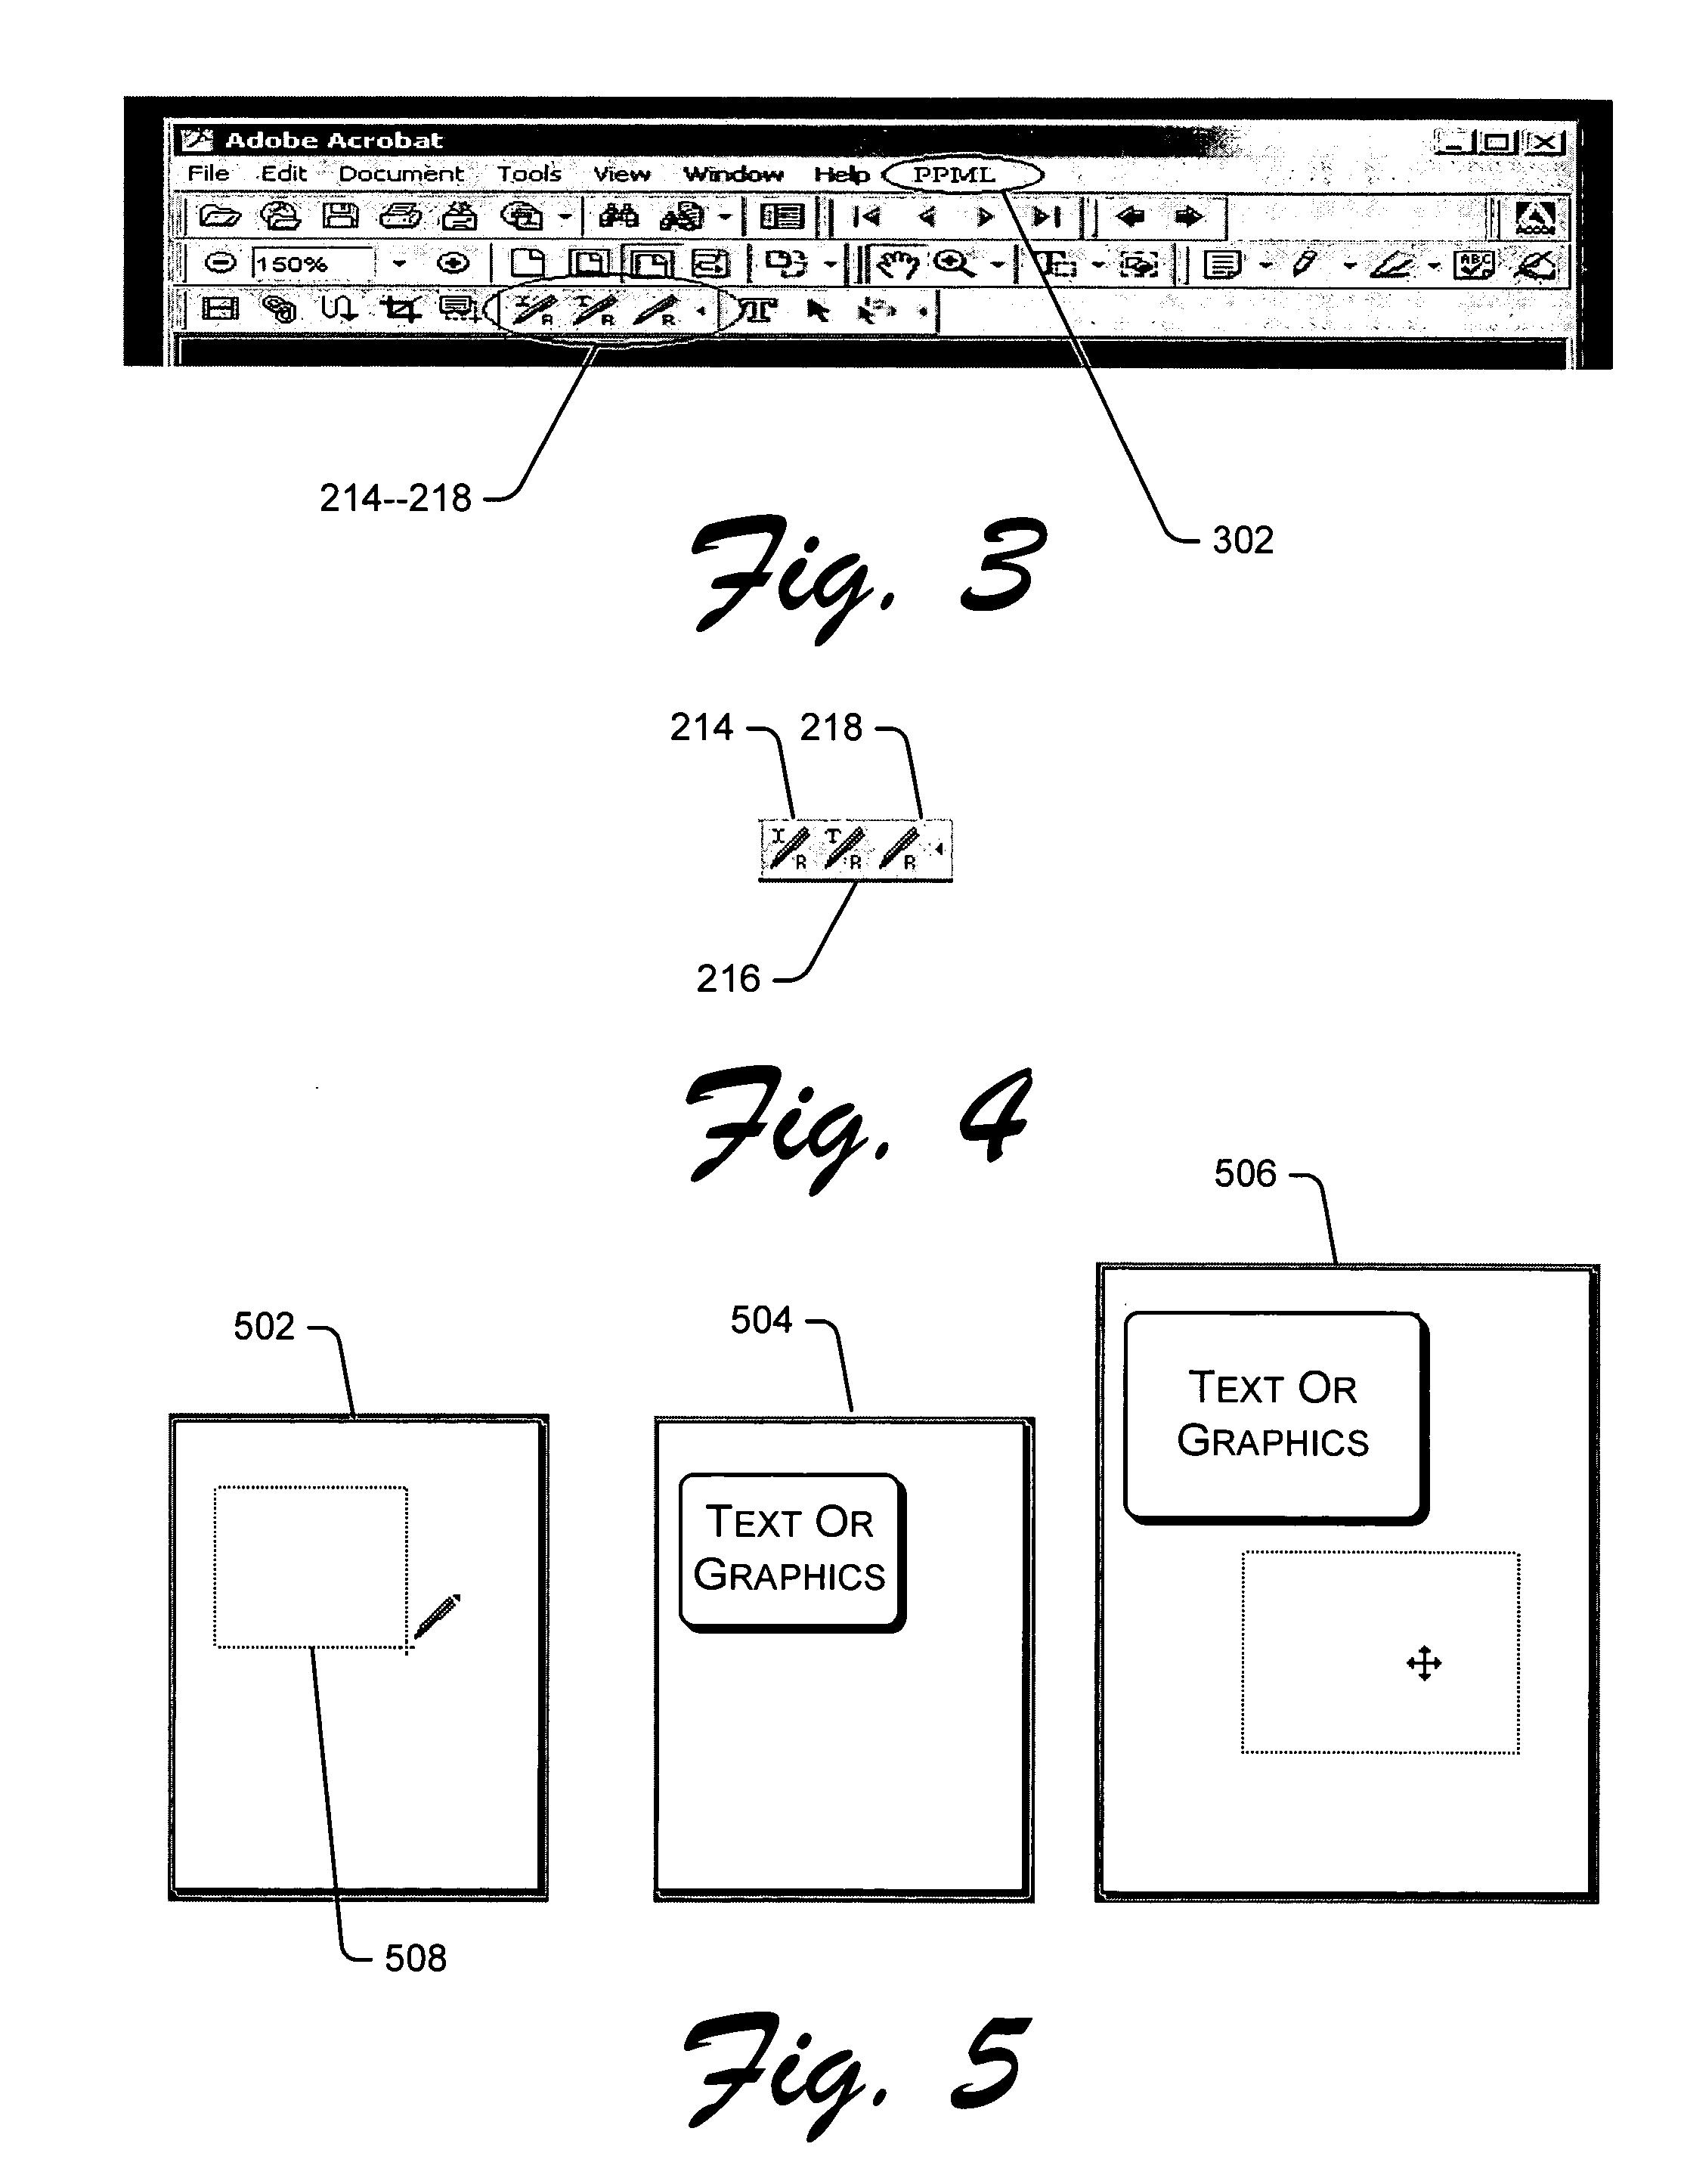 how to translate a whole pdf document